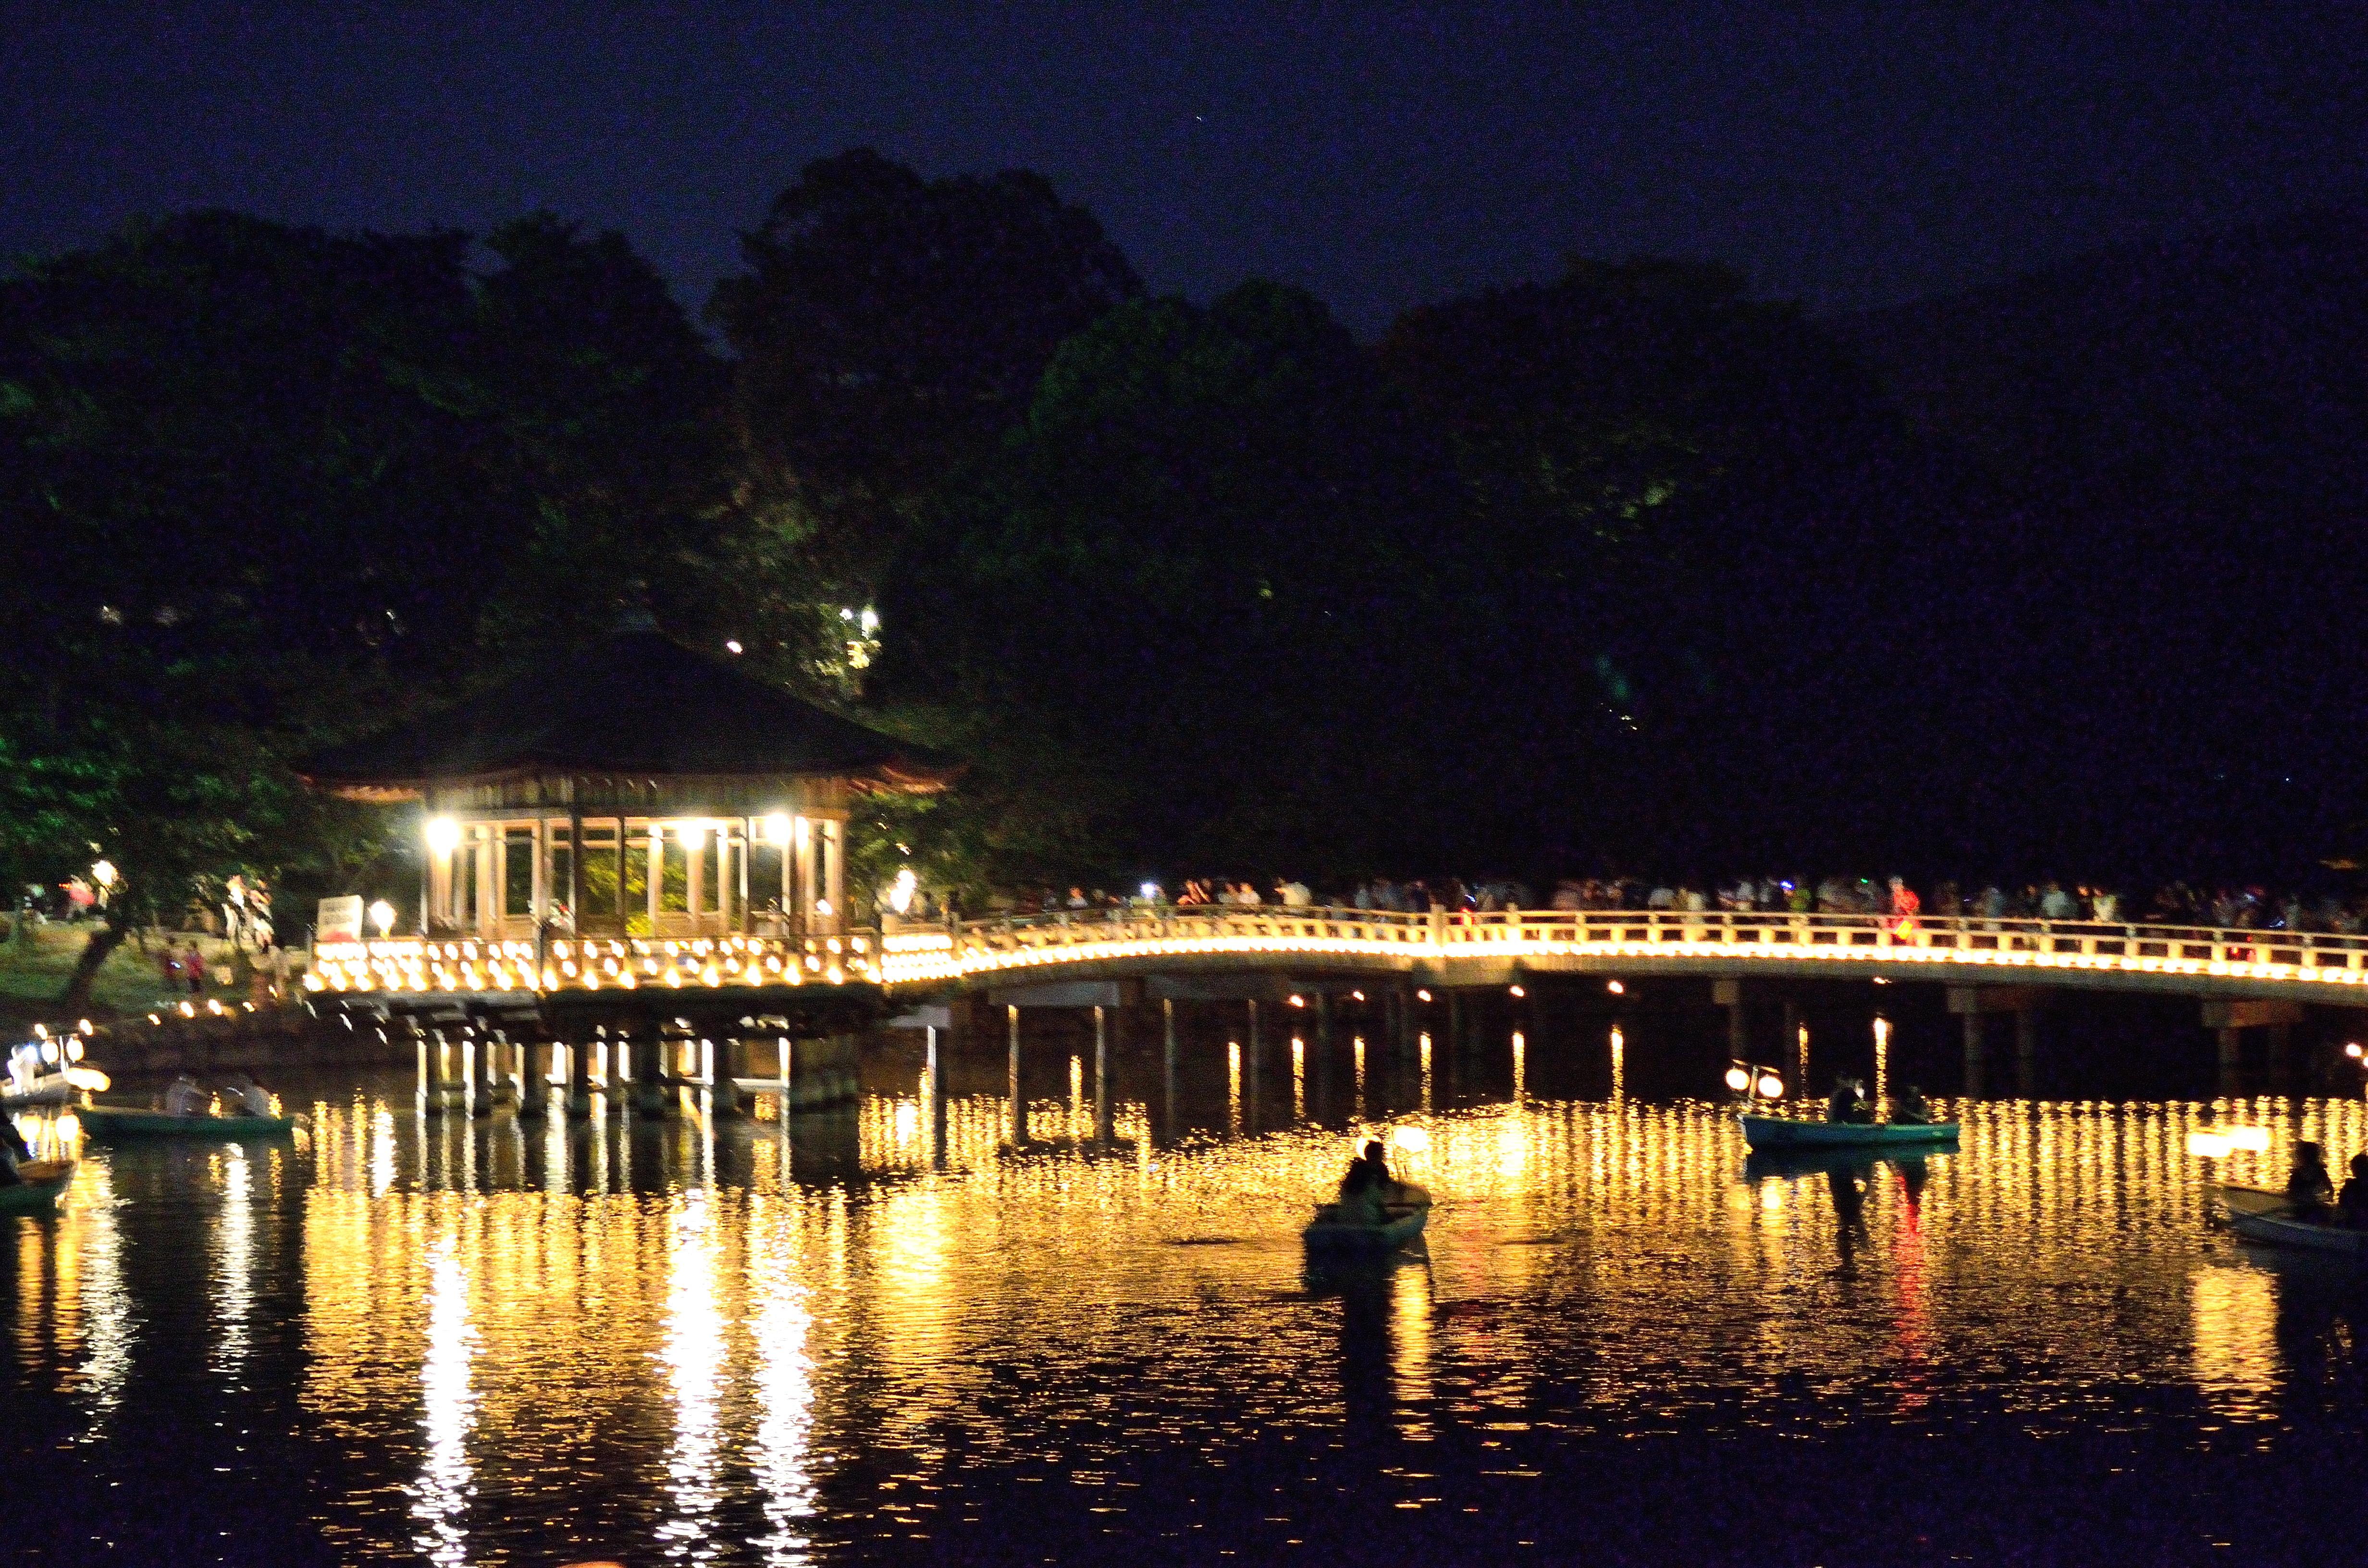 なら燈花会2013 浮見堂と鷲池に浮かぶボート